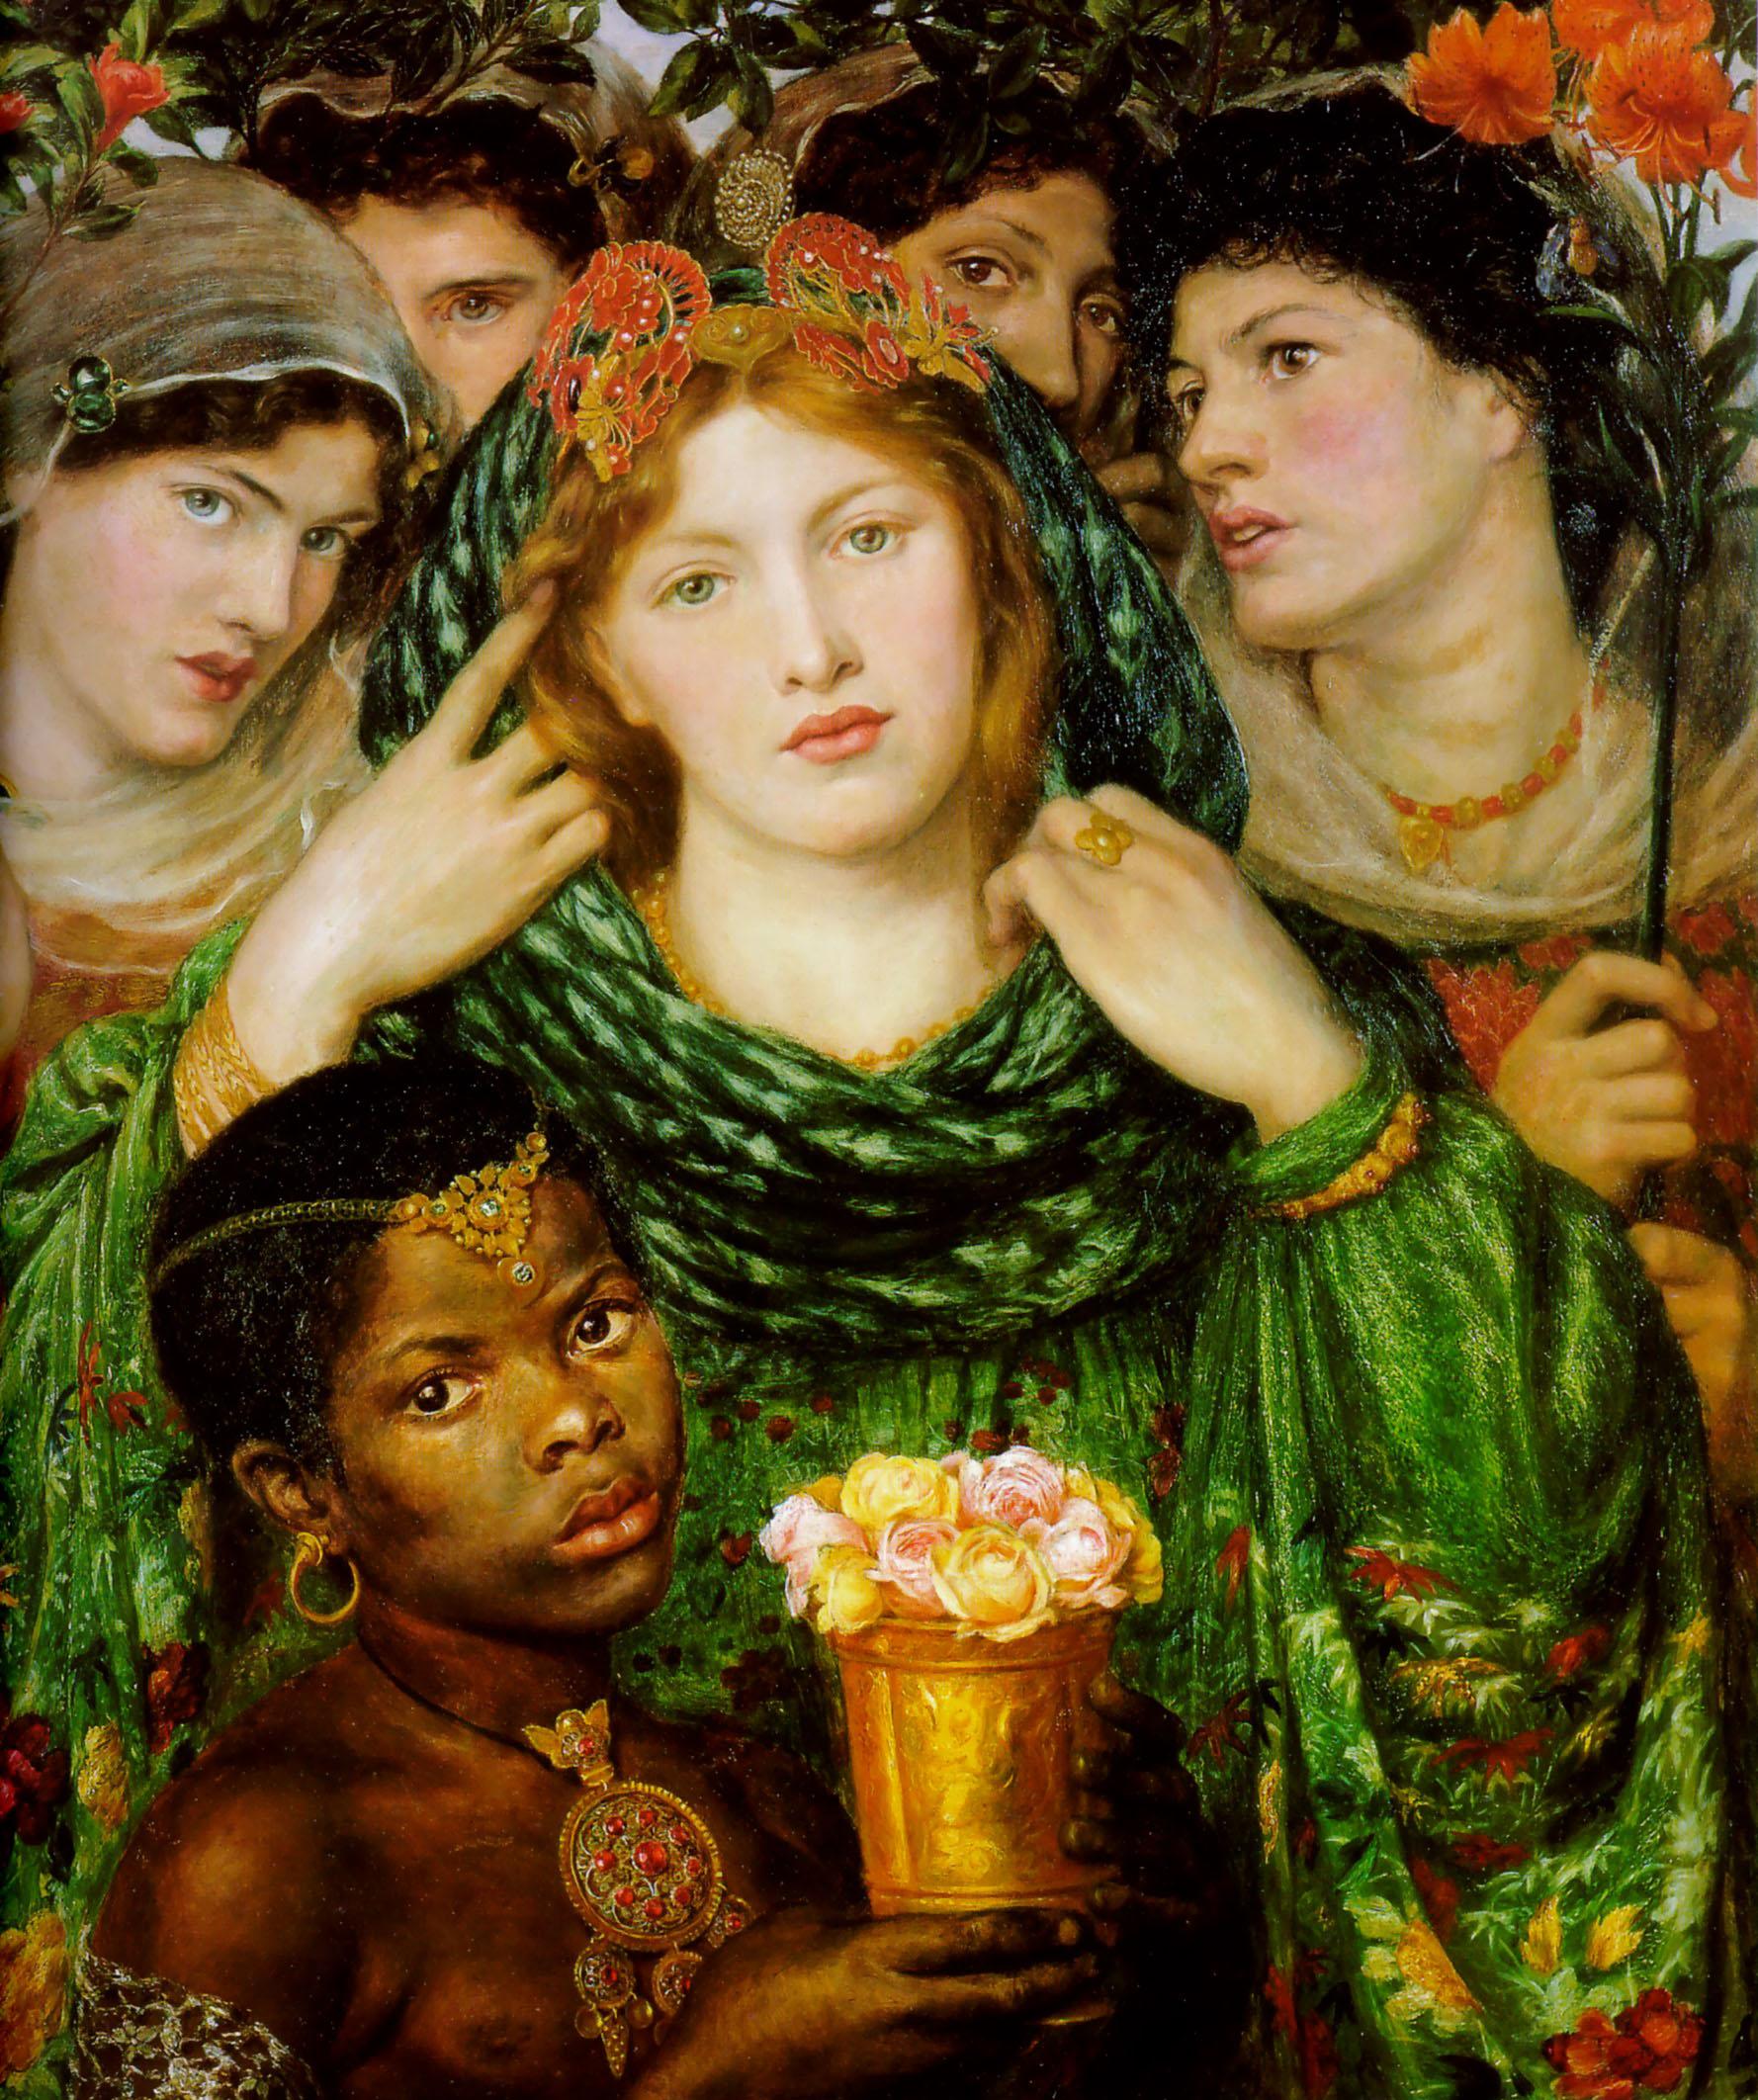 The Beloved, 1865-1866